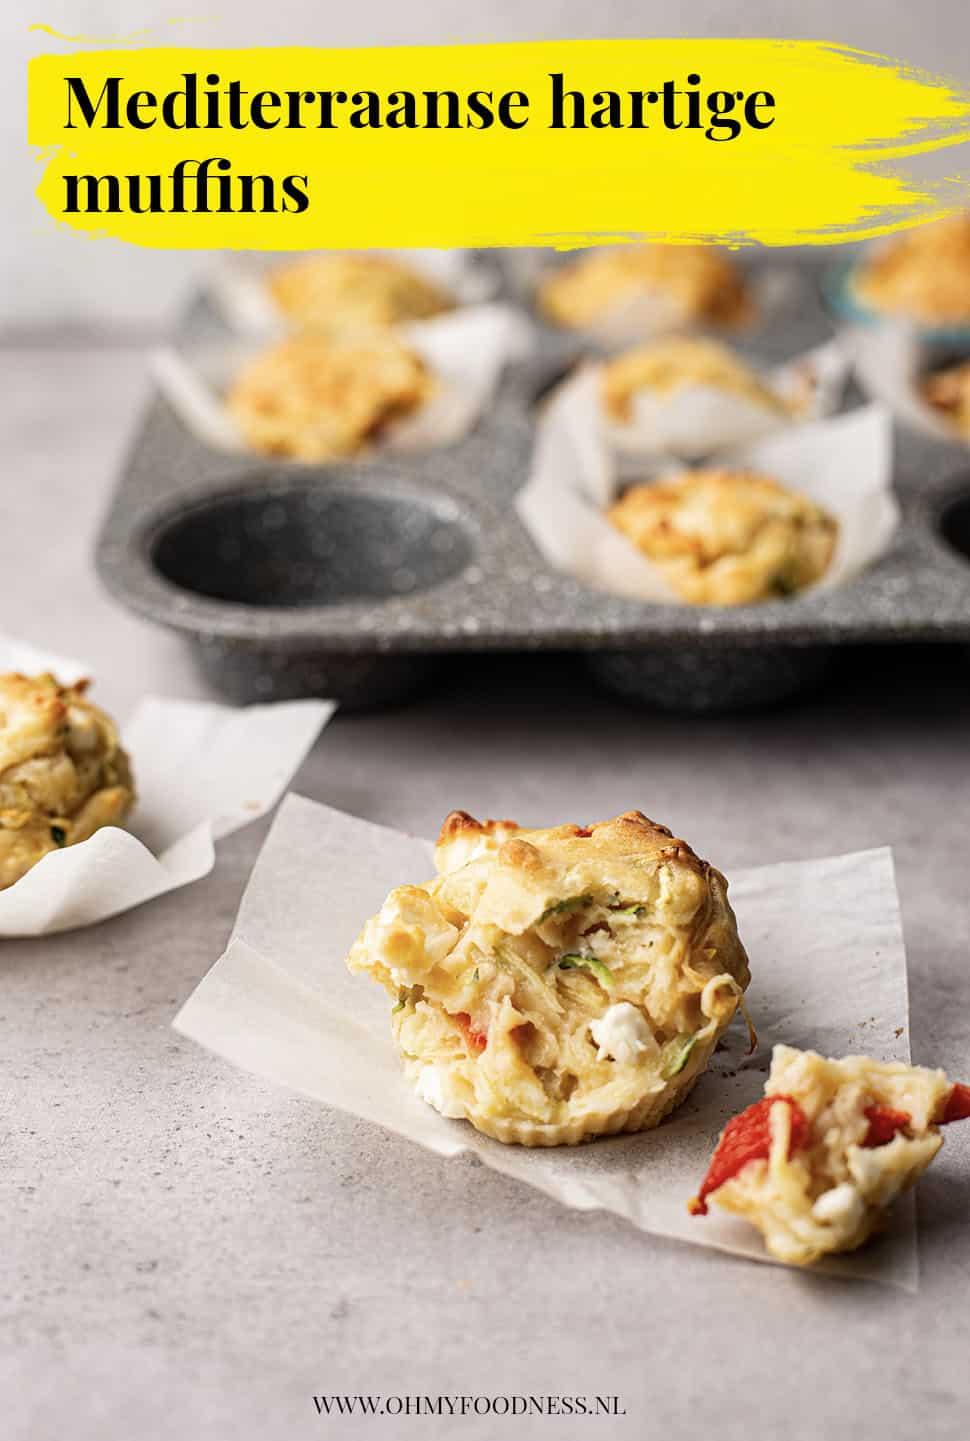 Mediterraanse hartige muffins